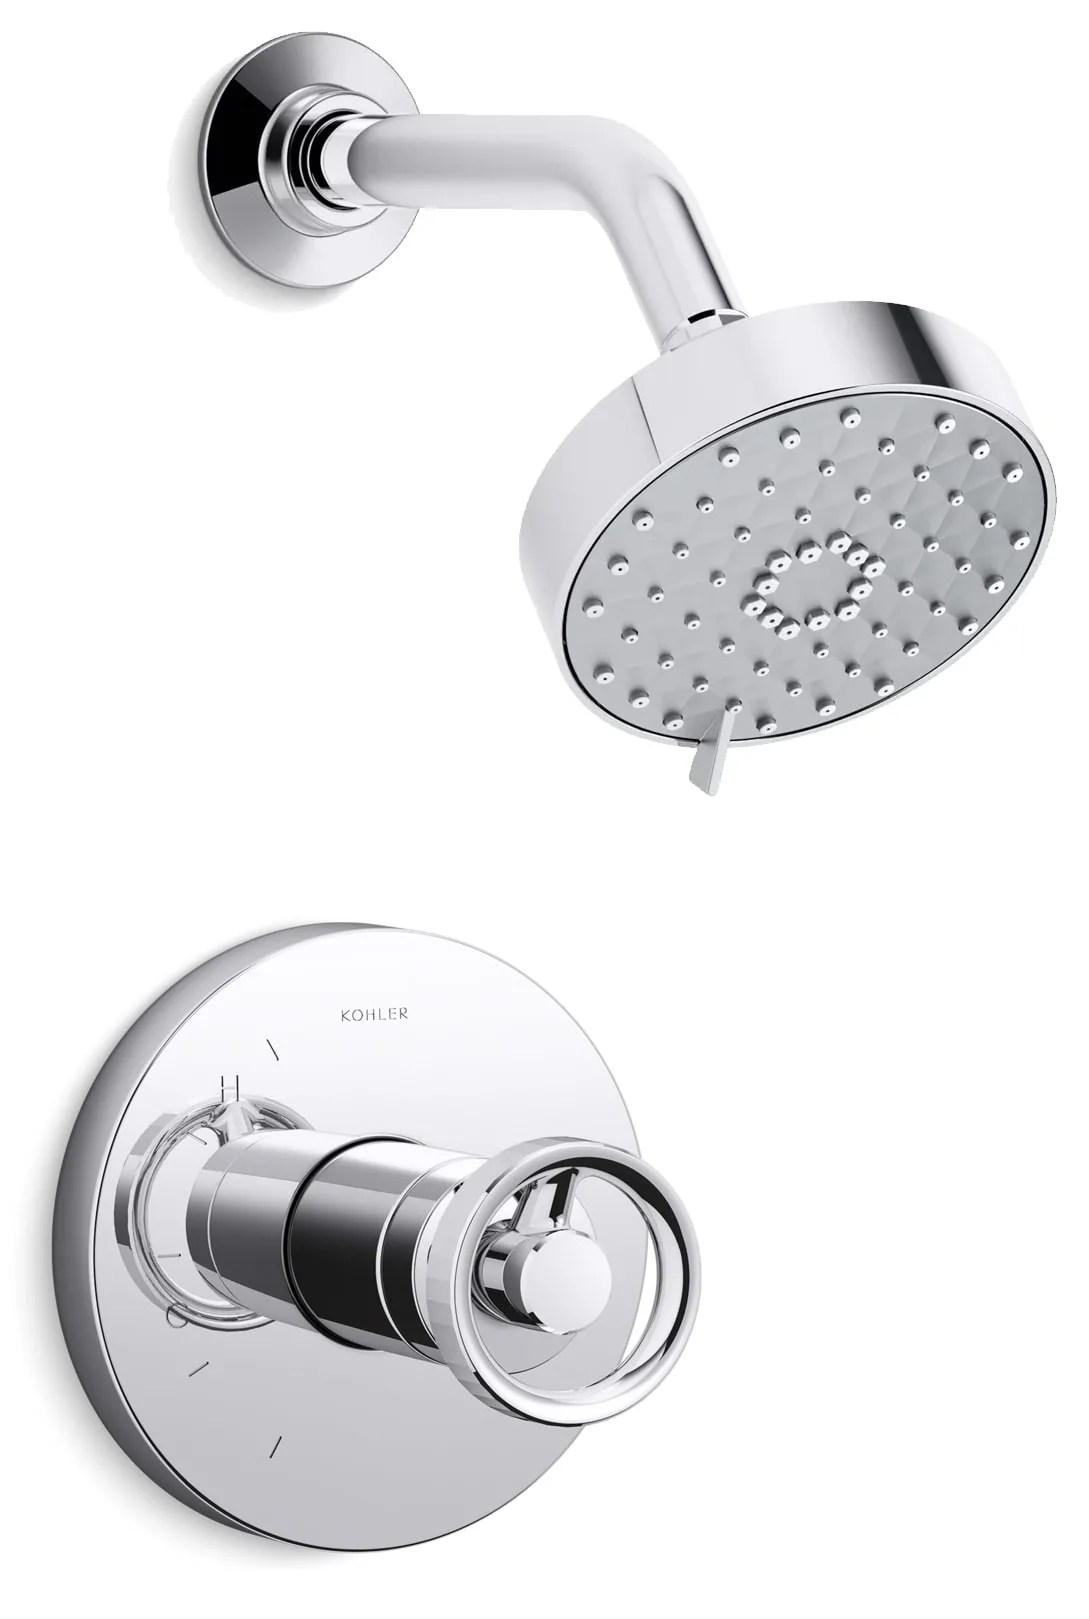 kohler k awaken ts78015 9 shower